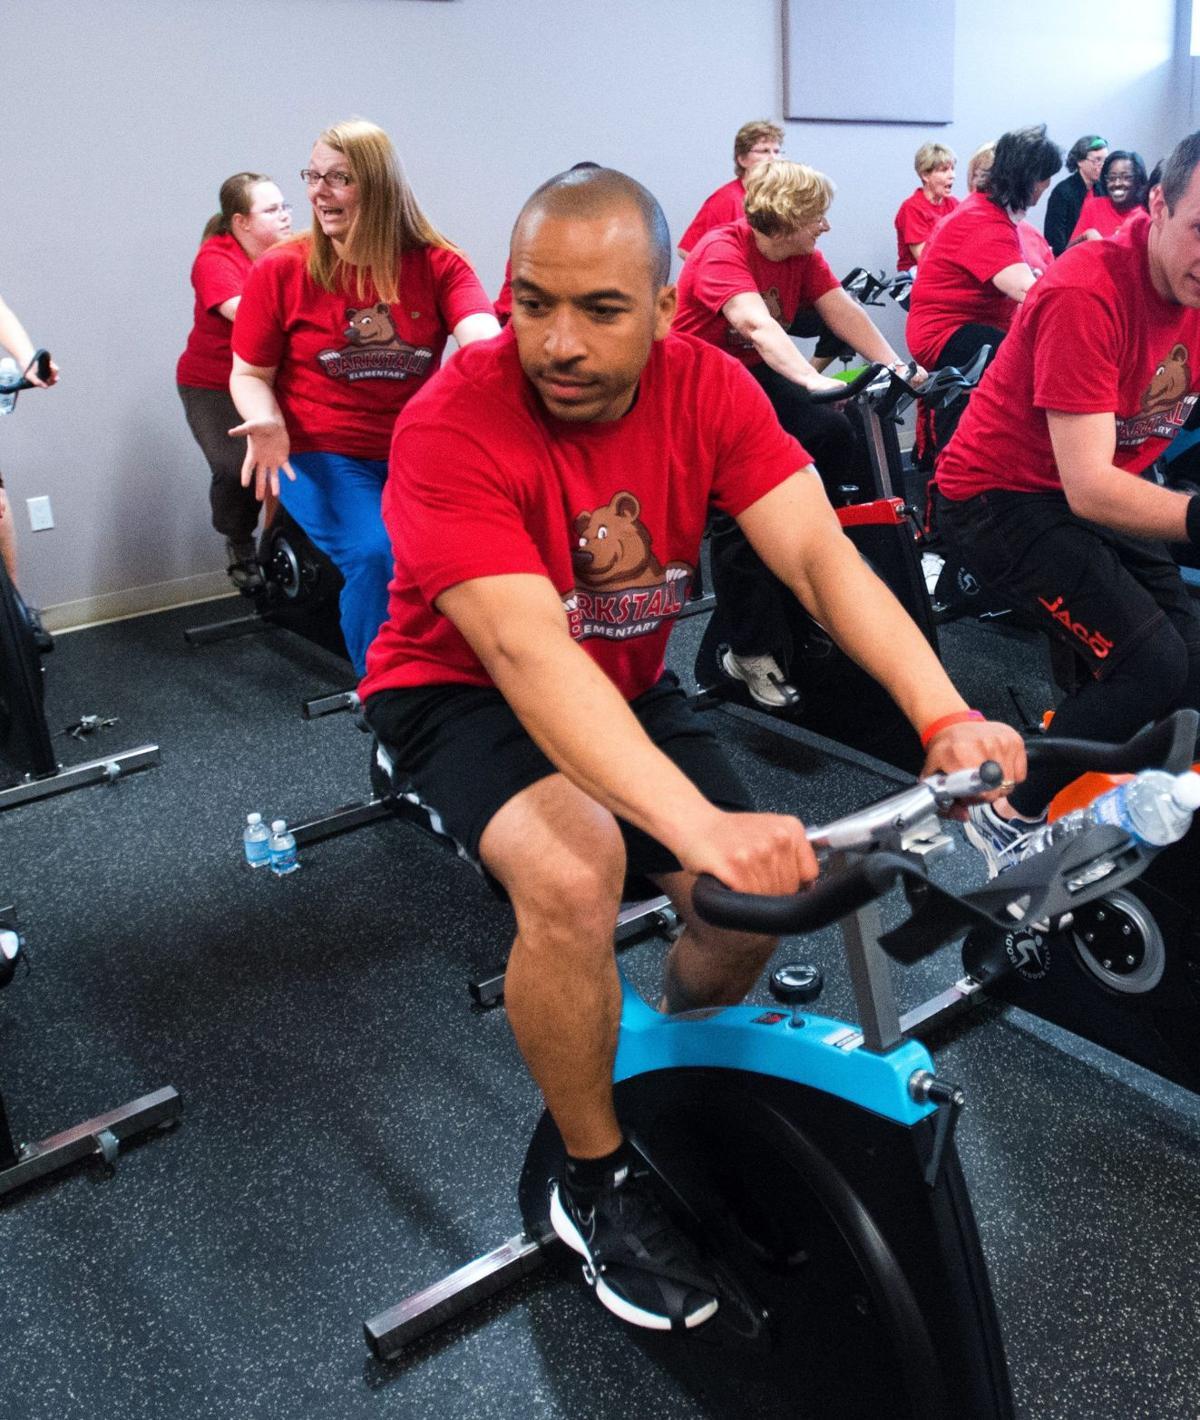 Barkstall kicks off fitness program